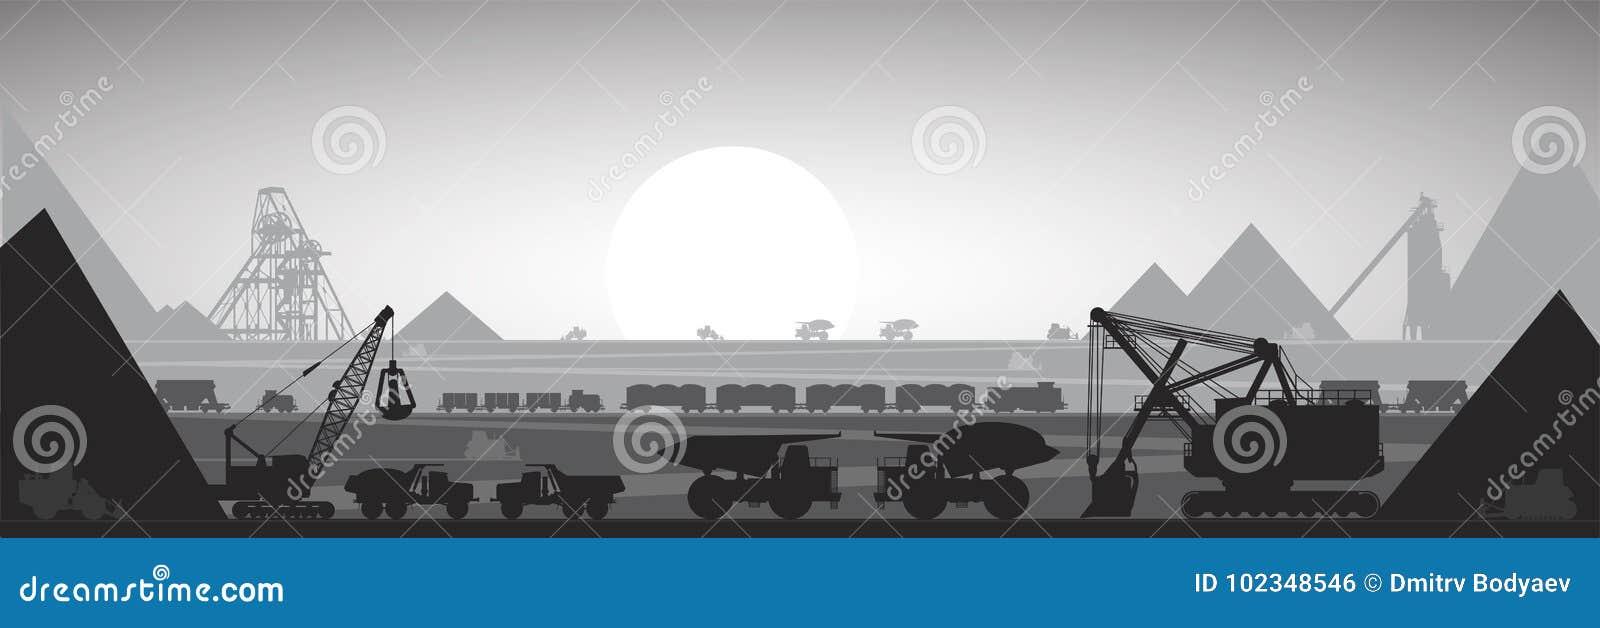 Εξοπλισμός λατομείων μεταλλείας, απεικόνιση